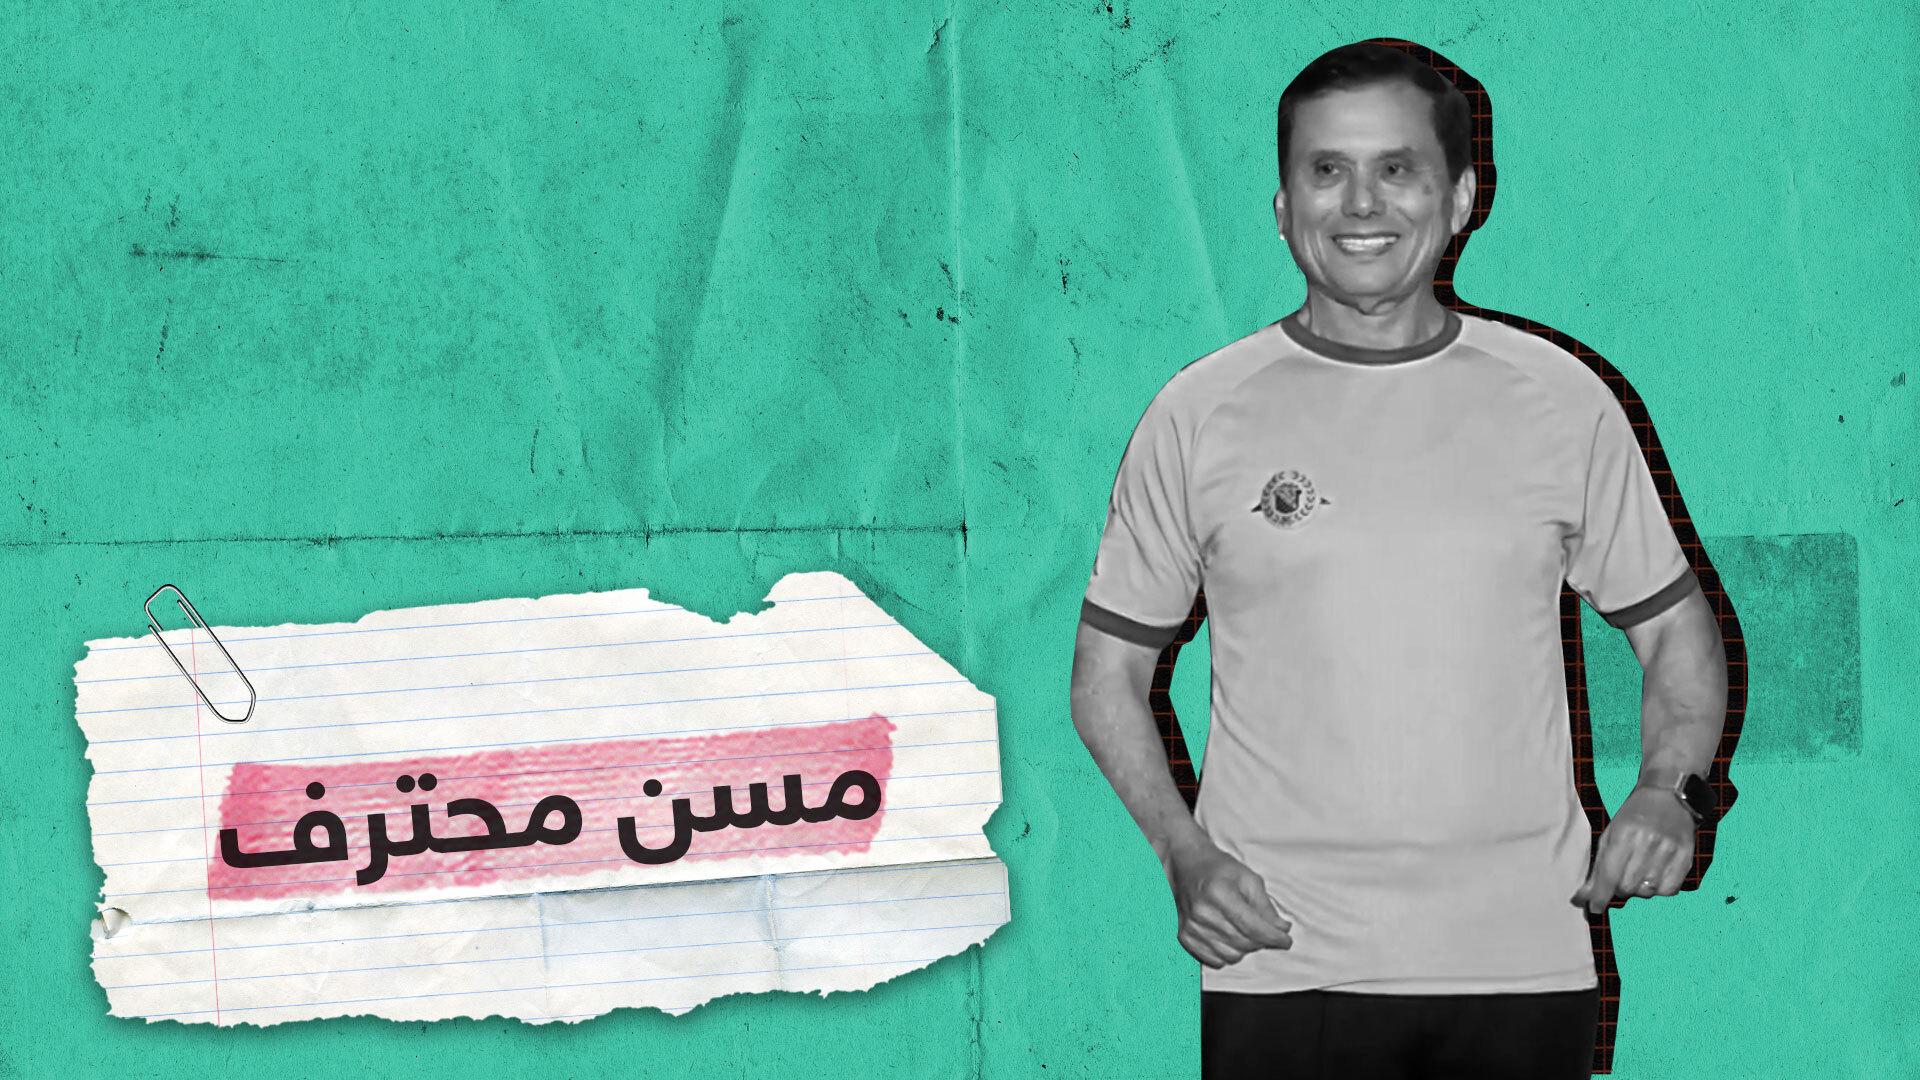 مصري يحترف كرة القدم في الـ 74 من عمره